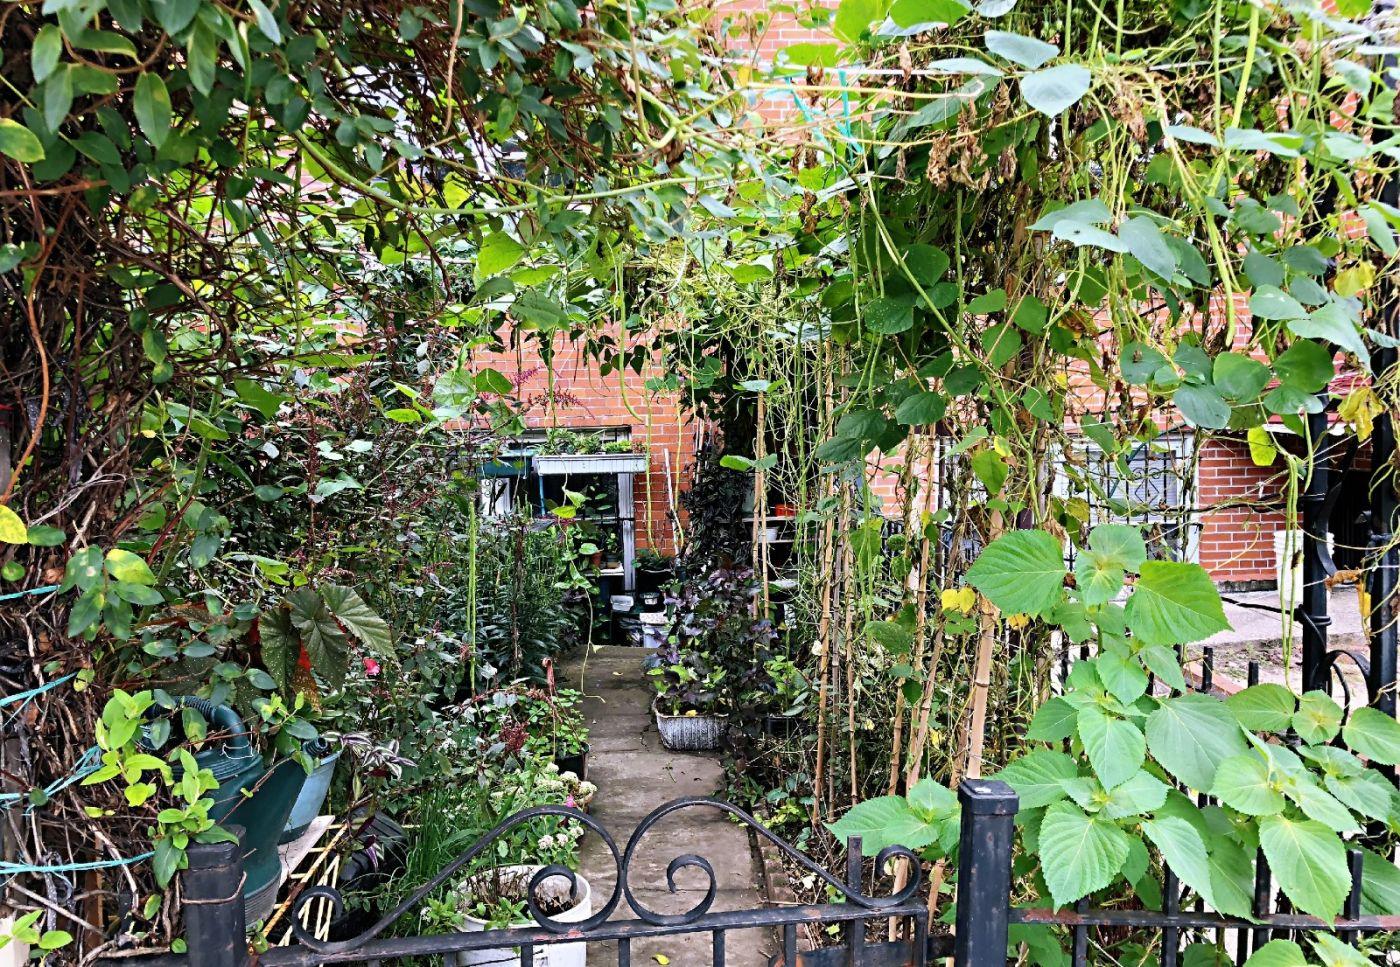 【田螺随拍】路边窗前的小菜园子_图1-31